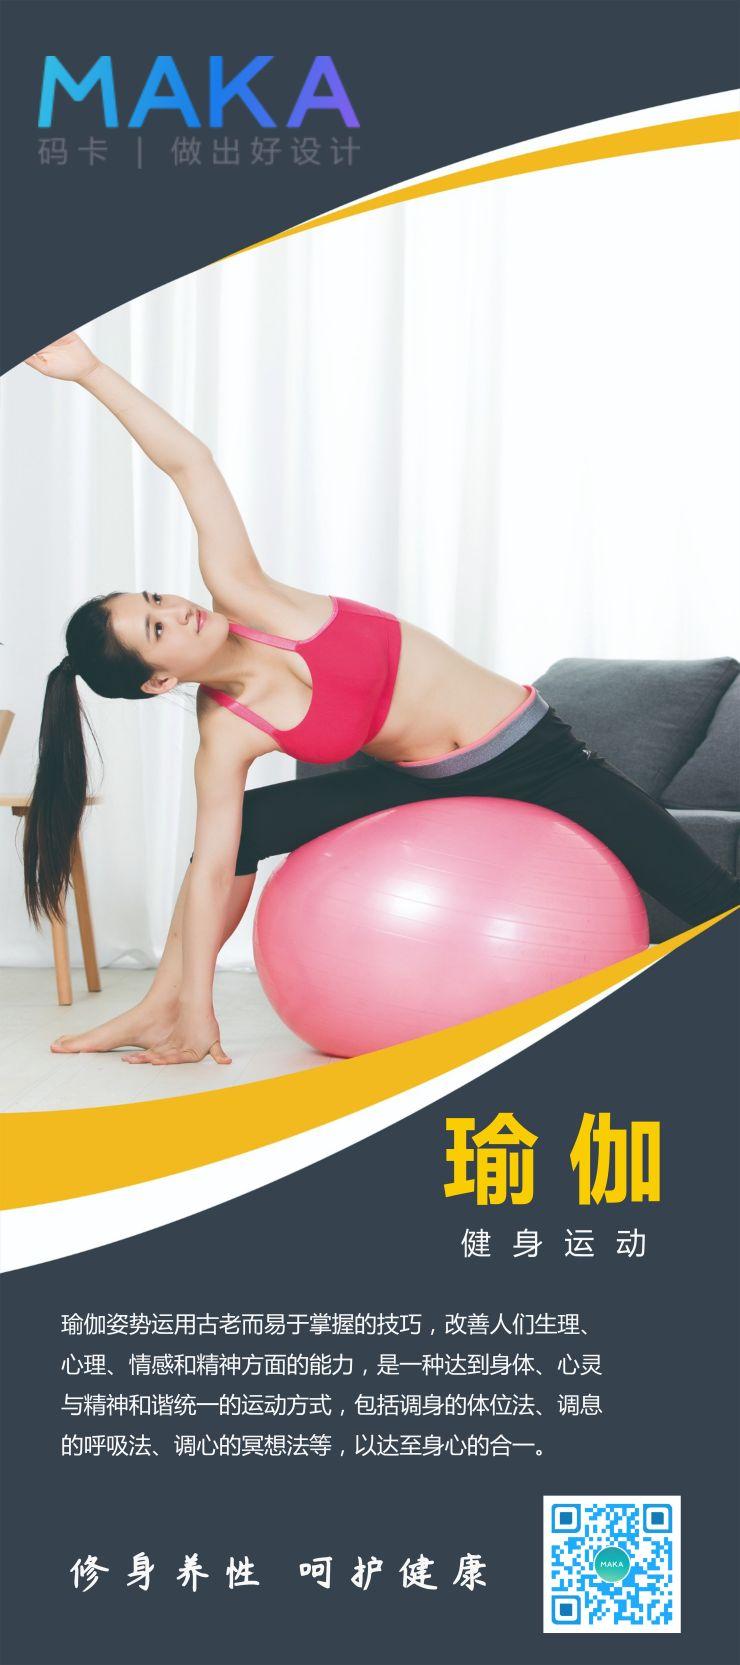 扁平简约设计风格蓝色办公印刷瑜伽宣传1.8米门型展架模版